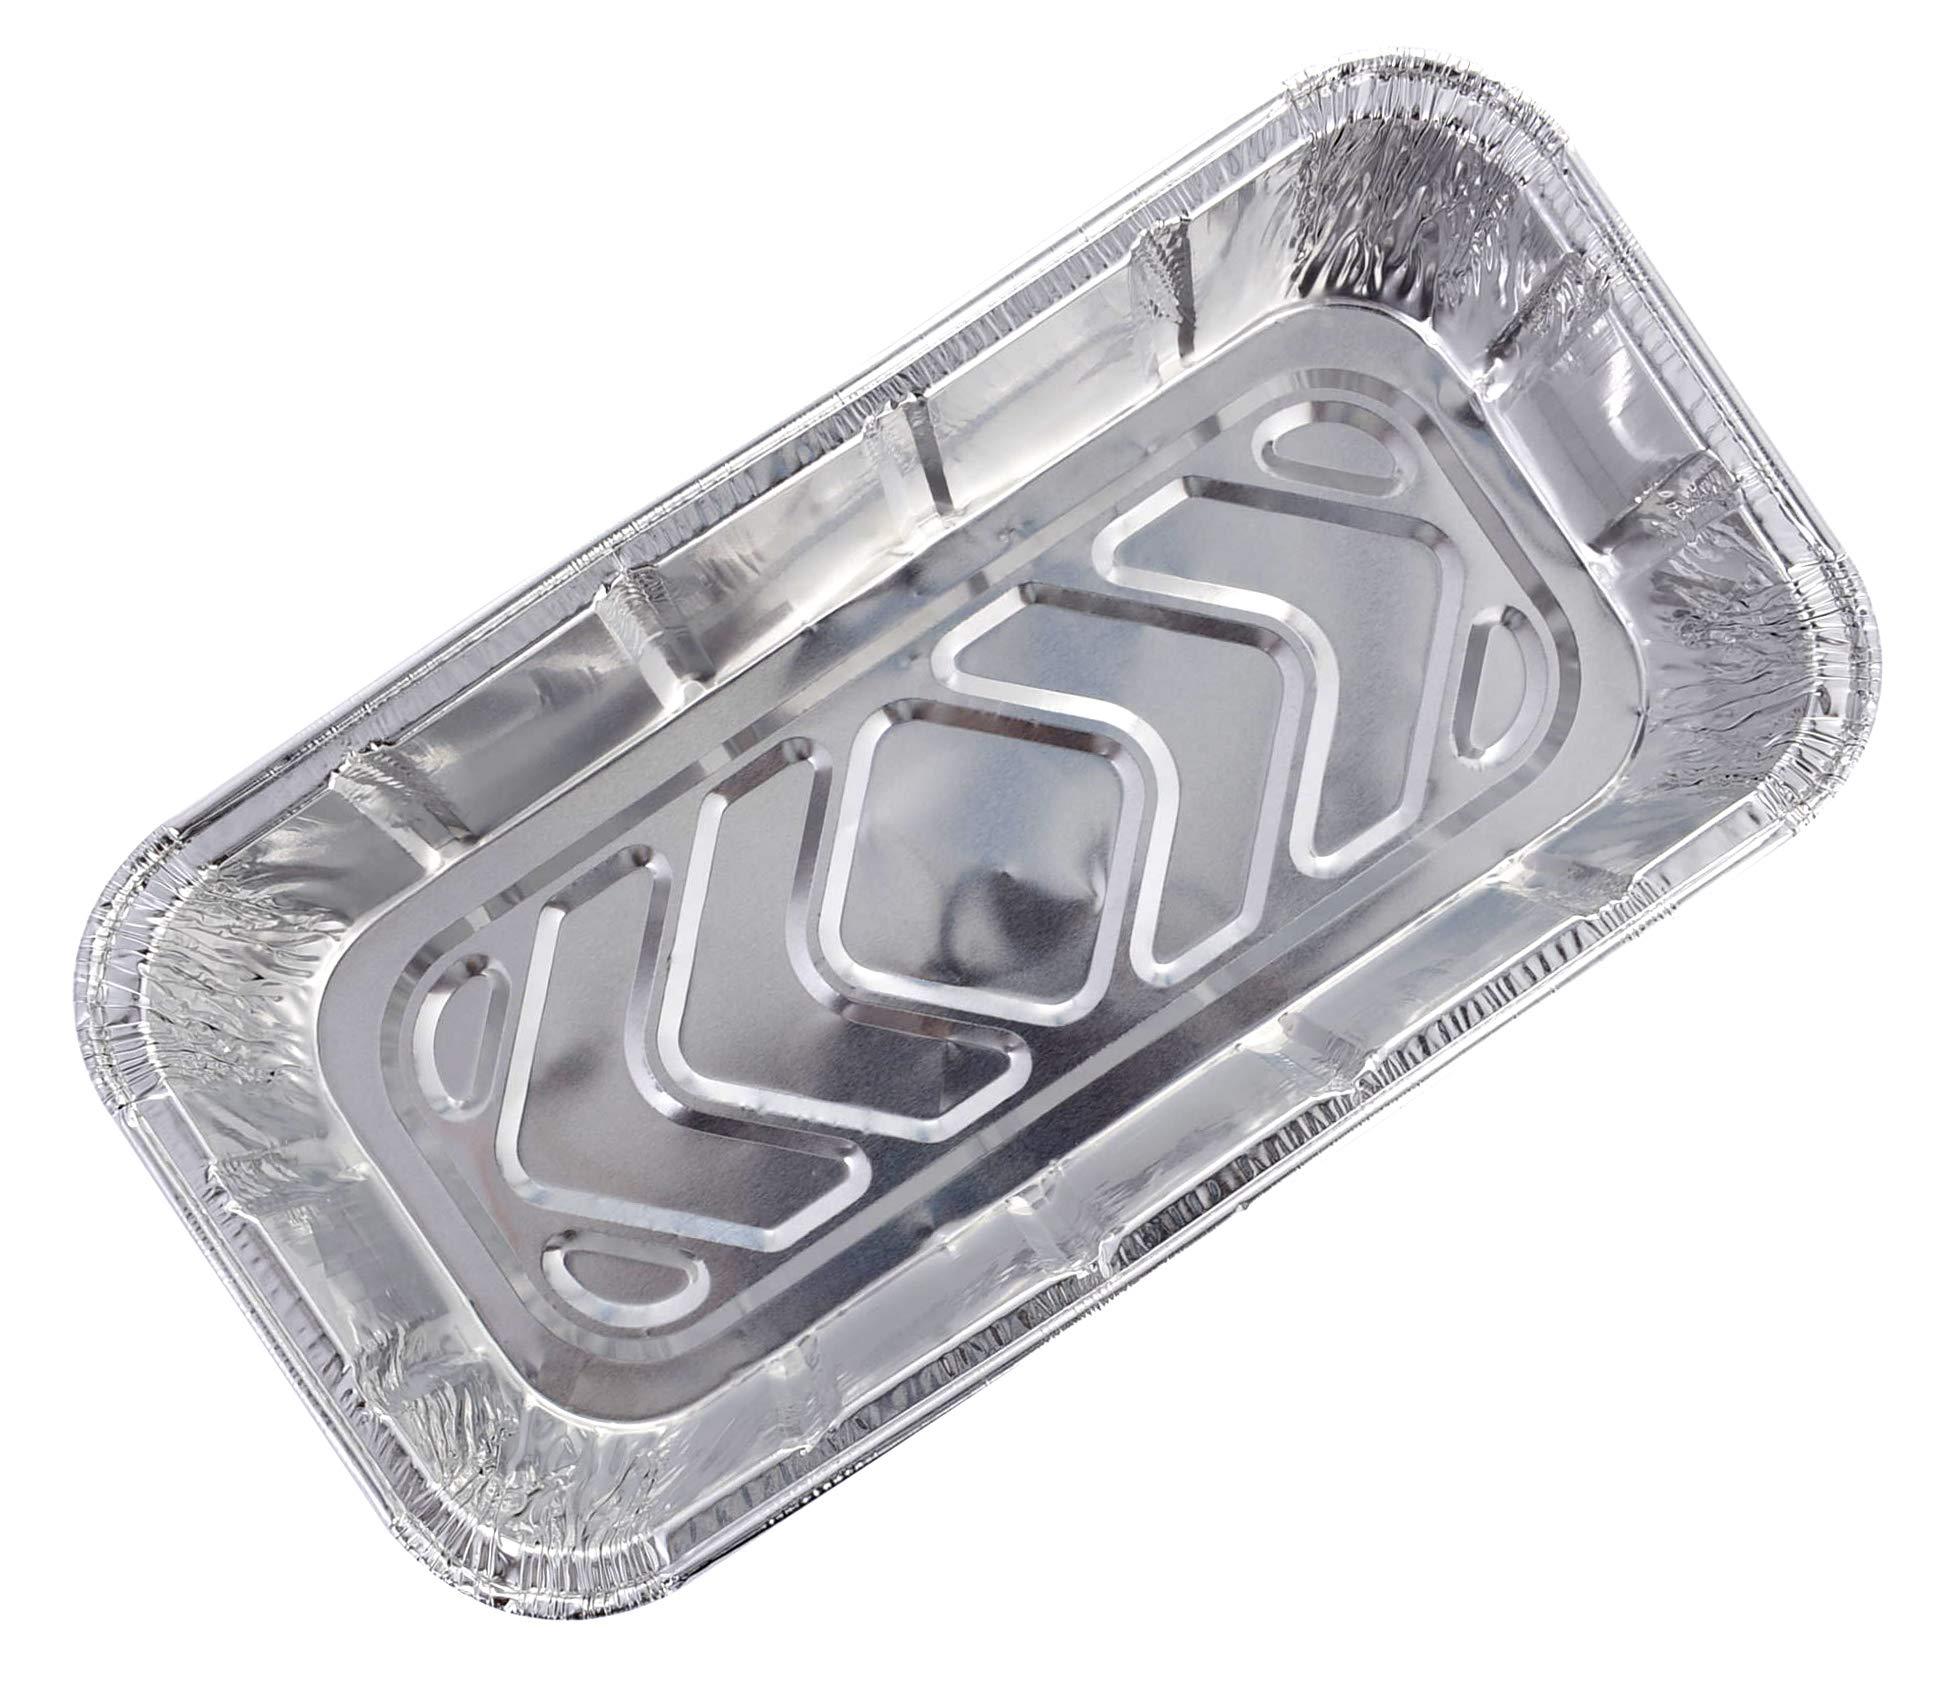 DOBI (50 Pack) Loaf Pans - Disposable Aluminum Foil 2Lb Bread Tins, Standard Size - 8.5'' X 4.5'' X 2.5'' by DOBI (Image #4)